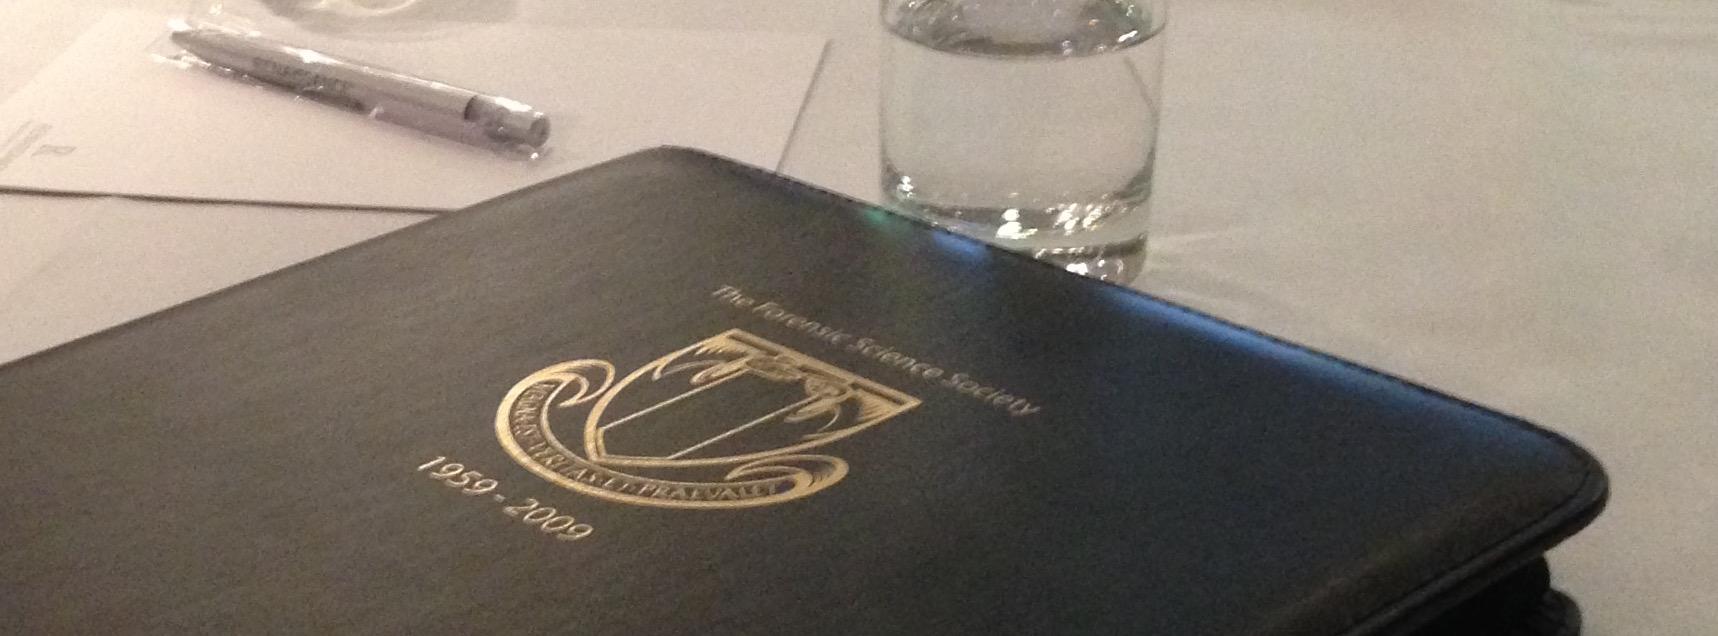 Ολοκλήρωση του φθινοπωρινού συνεδρίου της Chartered Society of Forensic Science